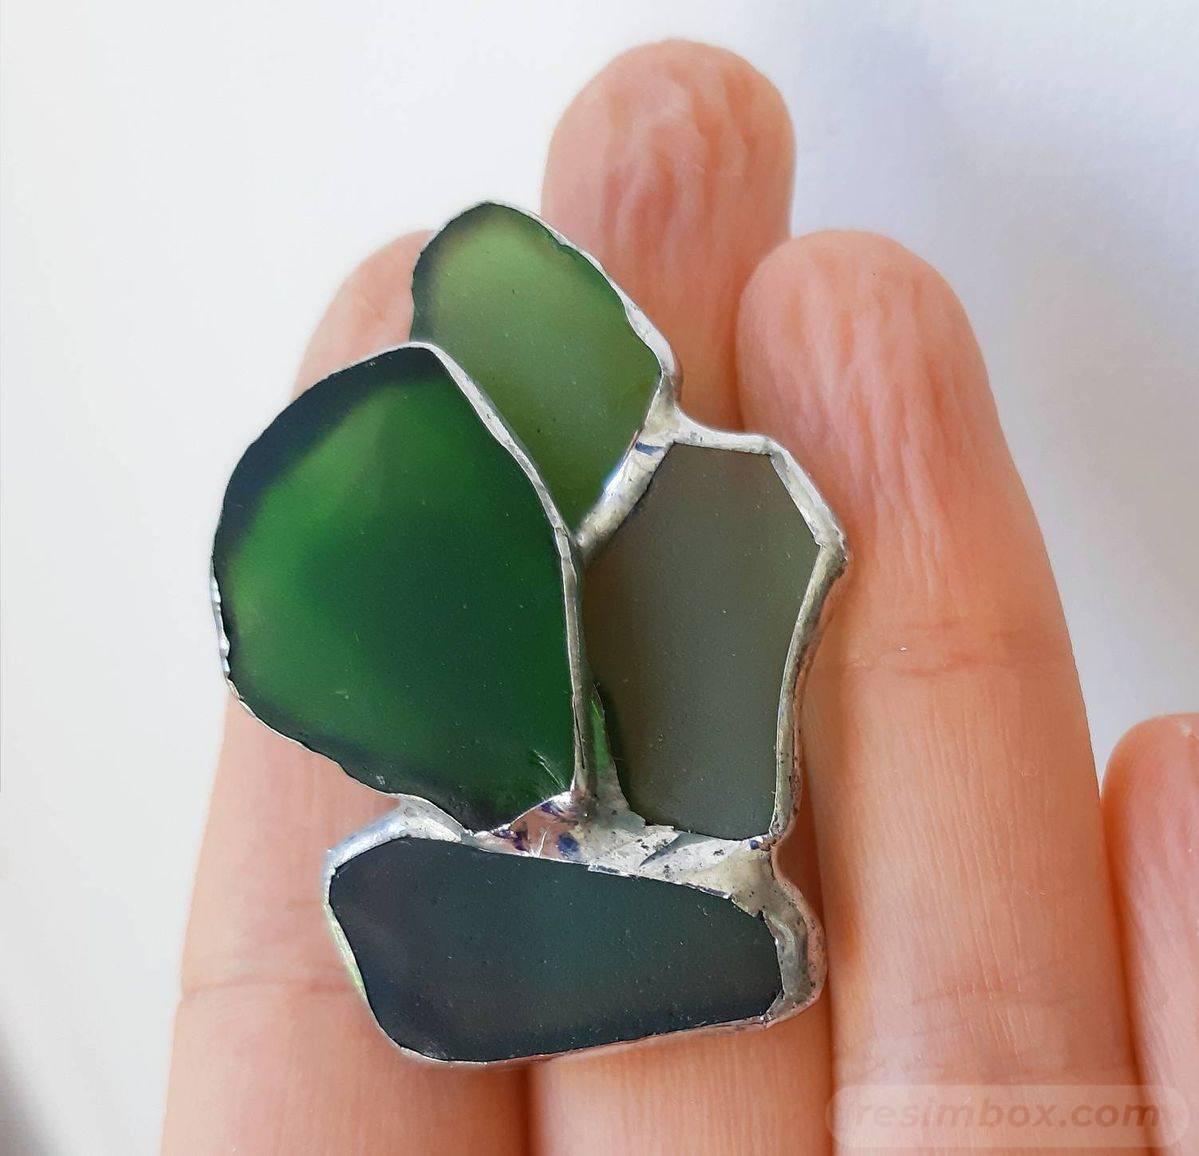 Beach glass jewelry-587367976382105562